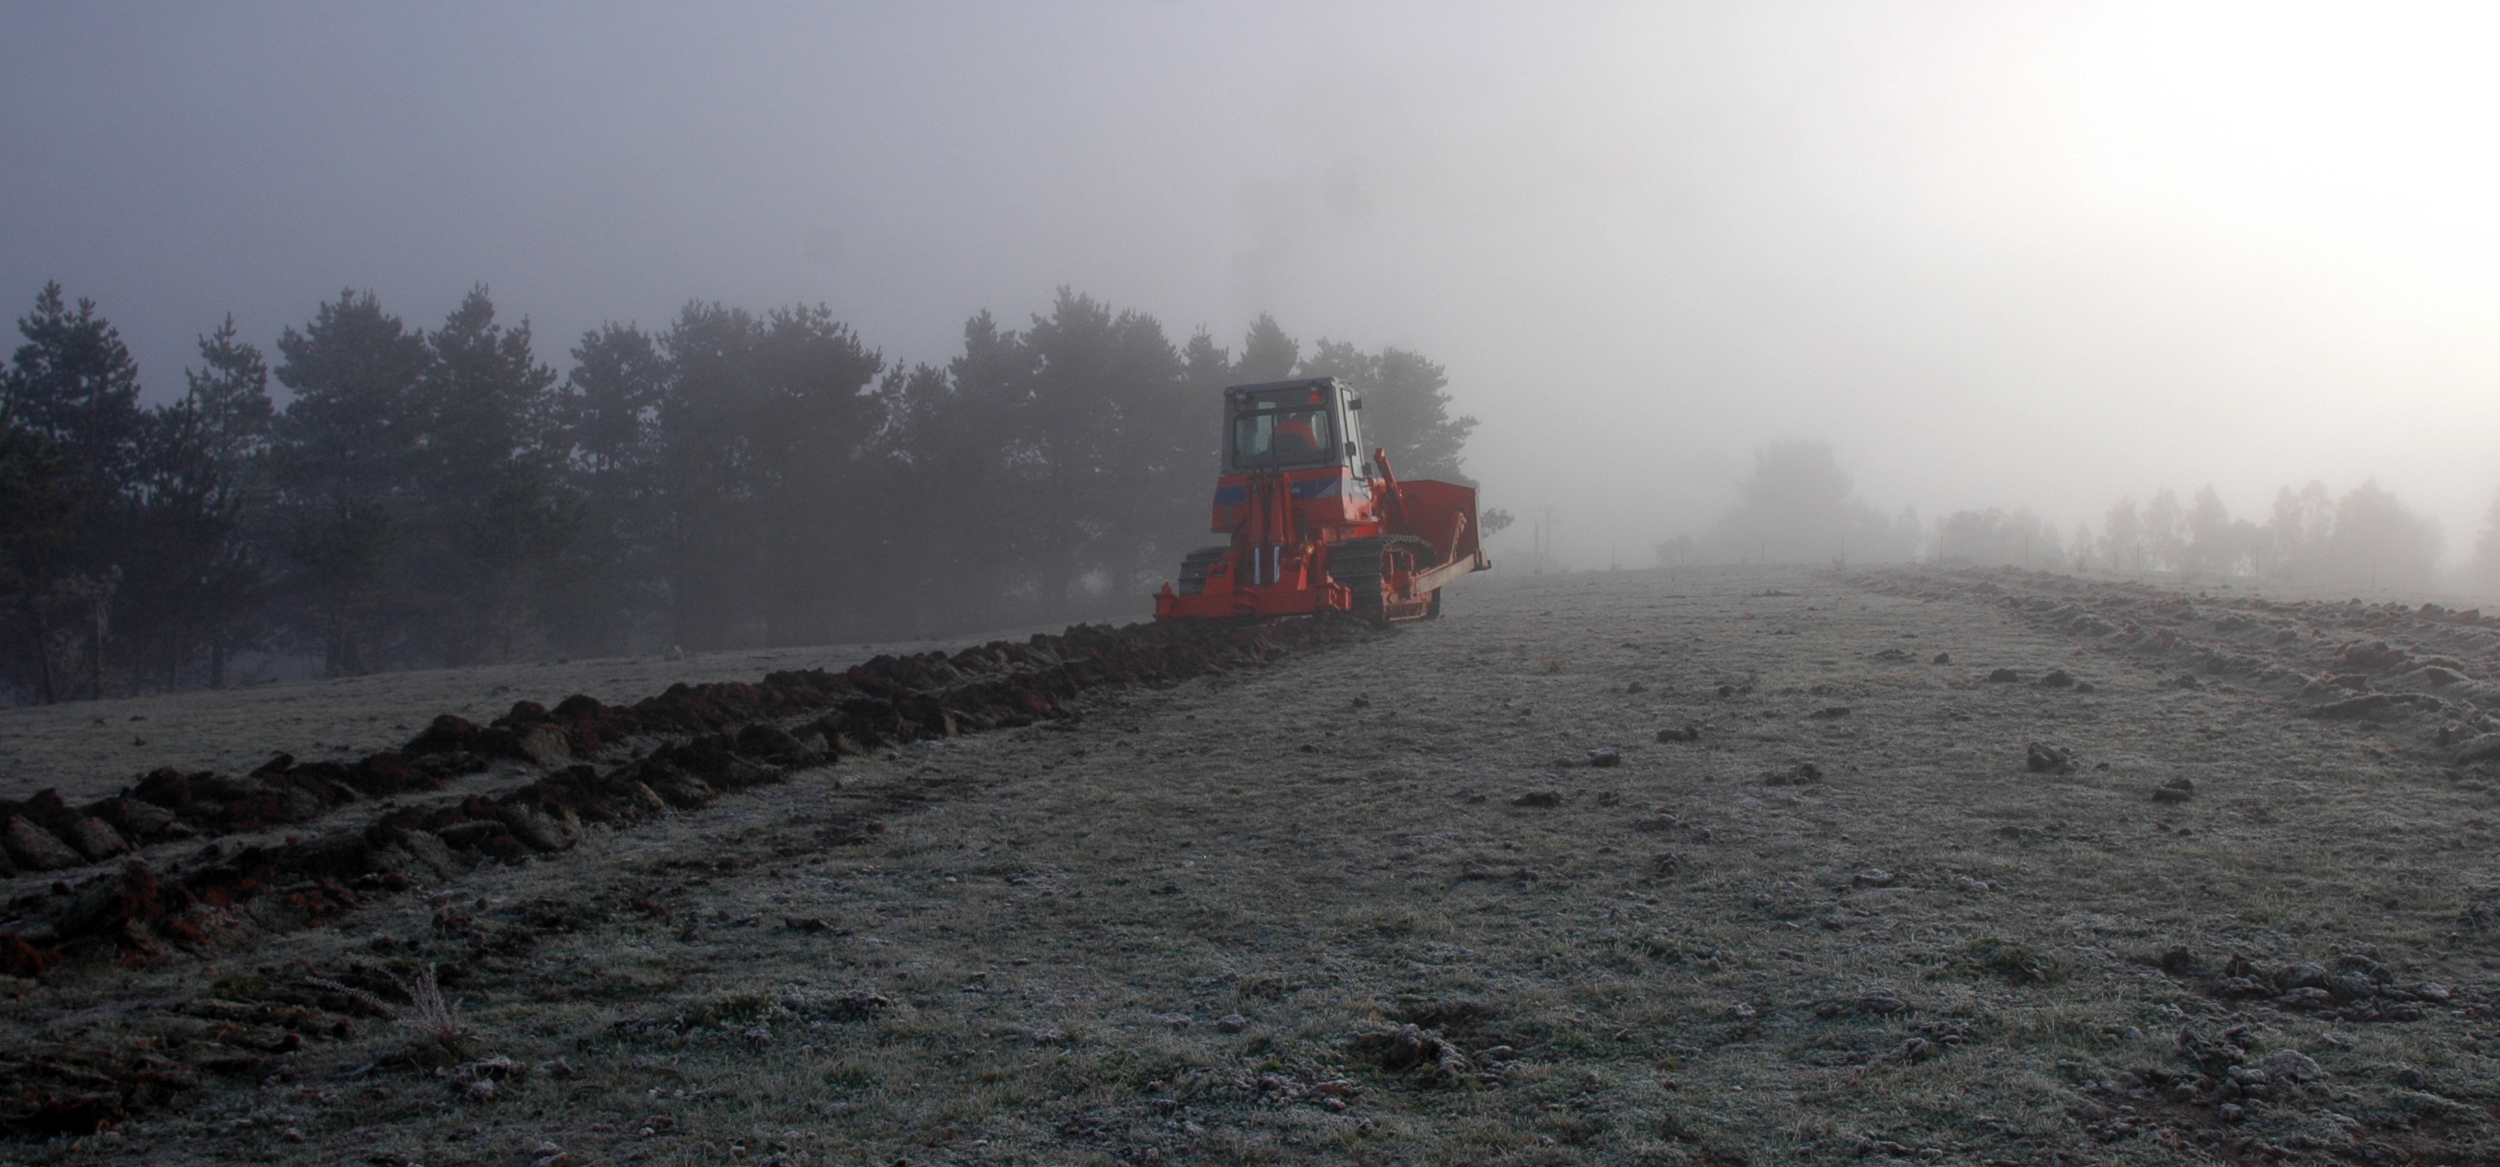 Preparing the Gruner Veltliner vineyard for planting